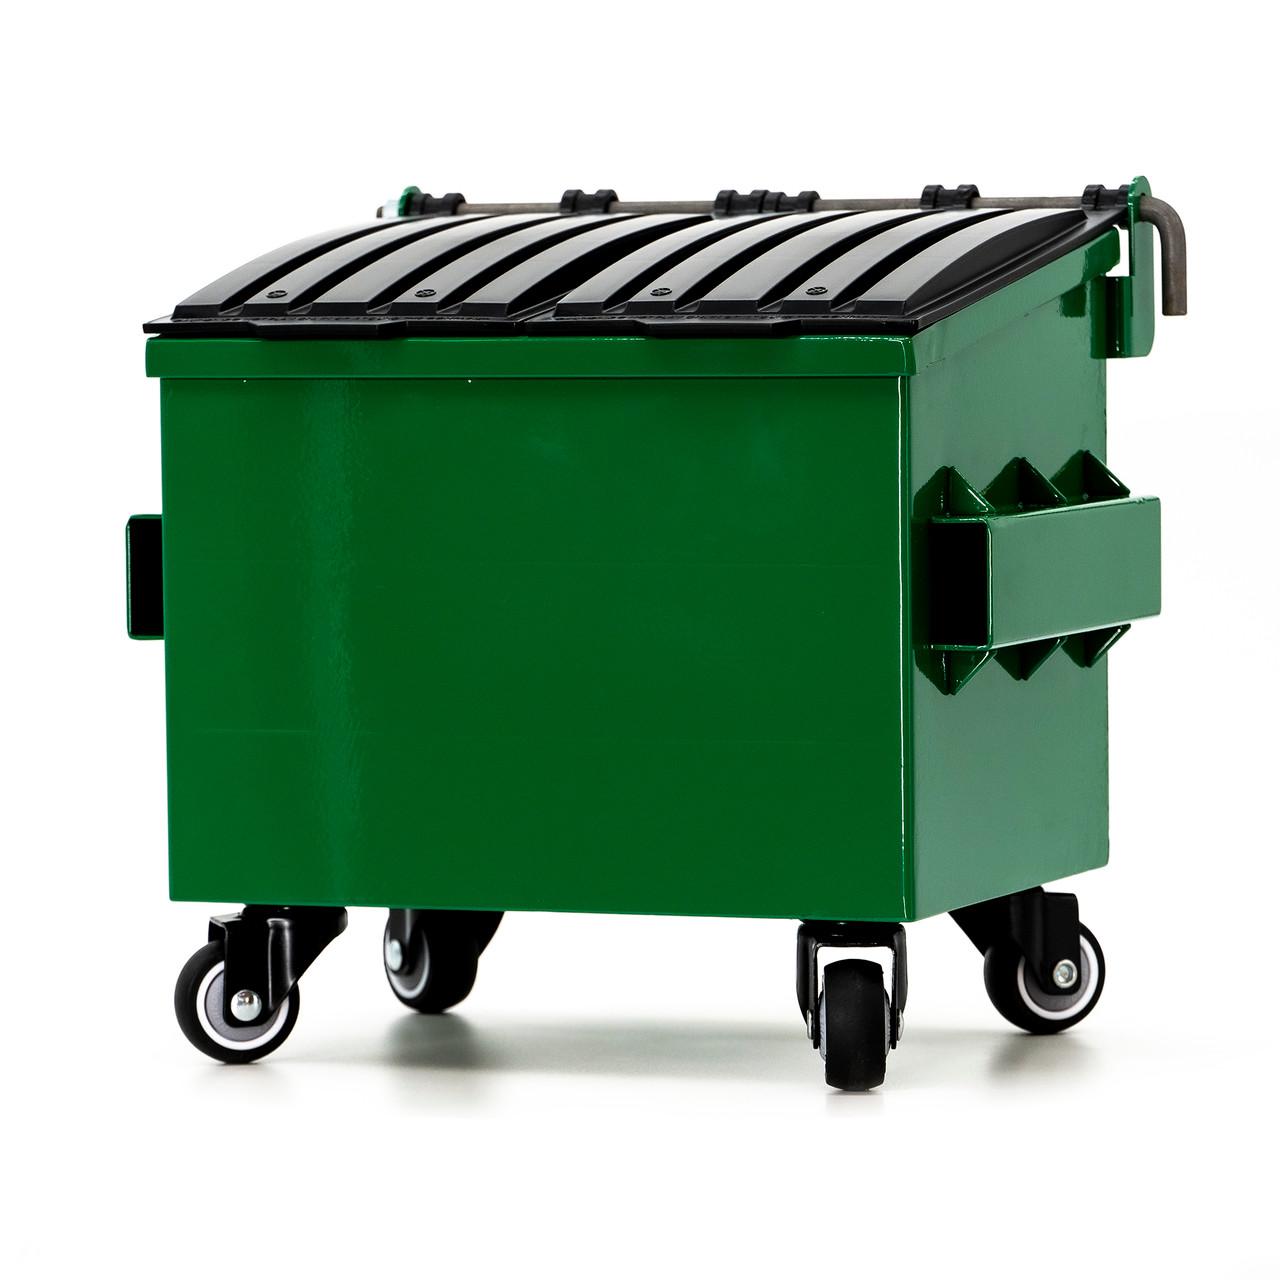 Dumpsty Desk Top Steel Mini Dumpster RECYCLE GREEN